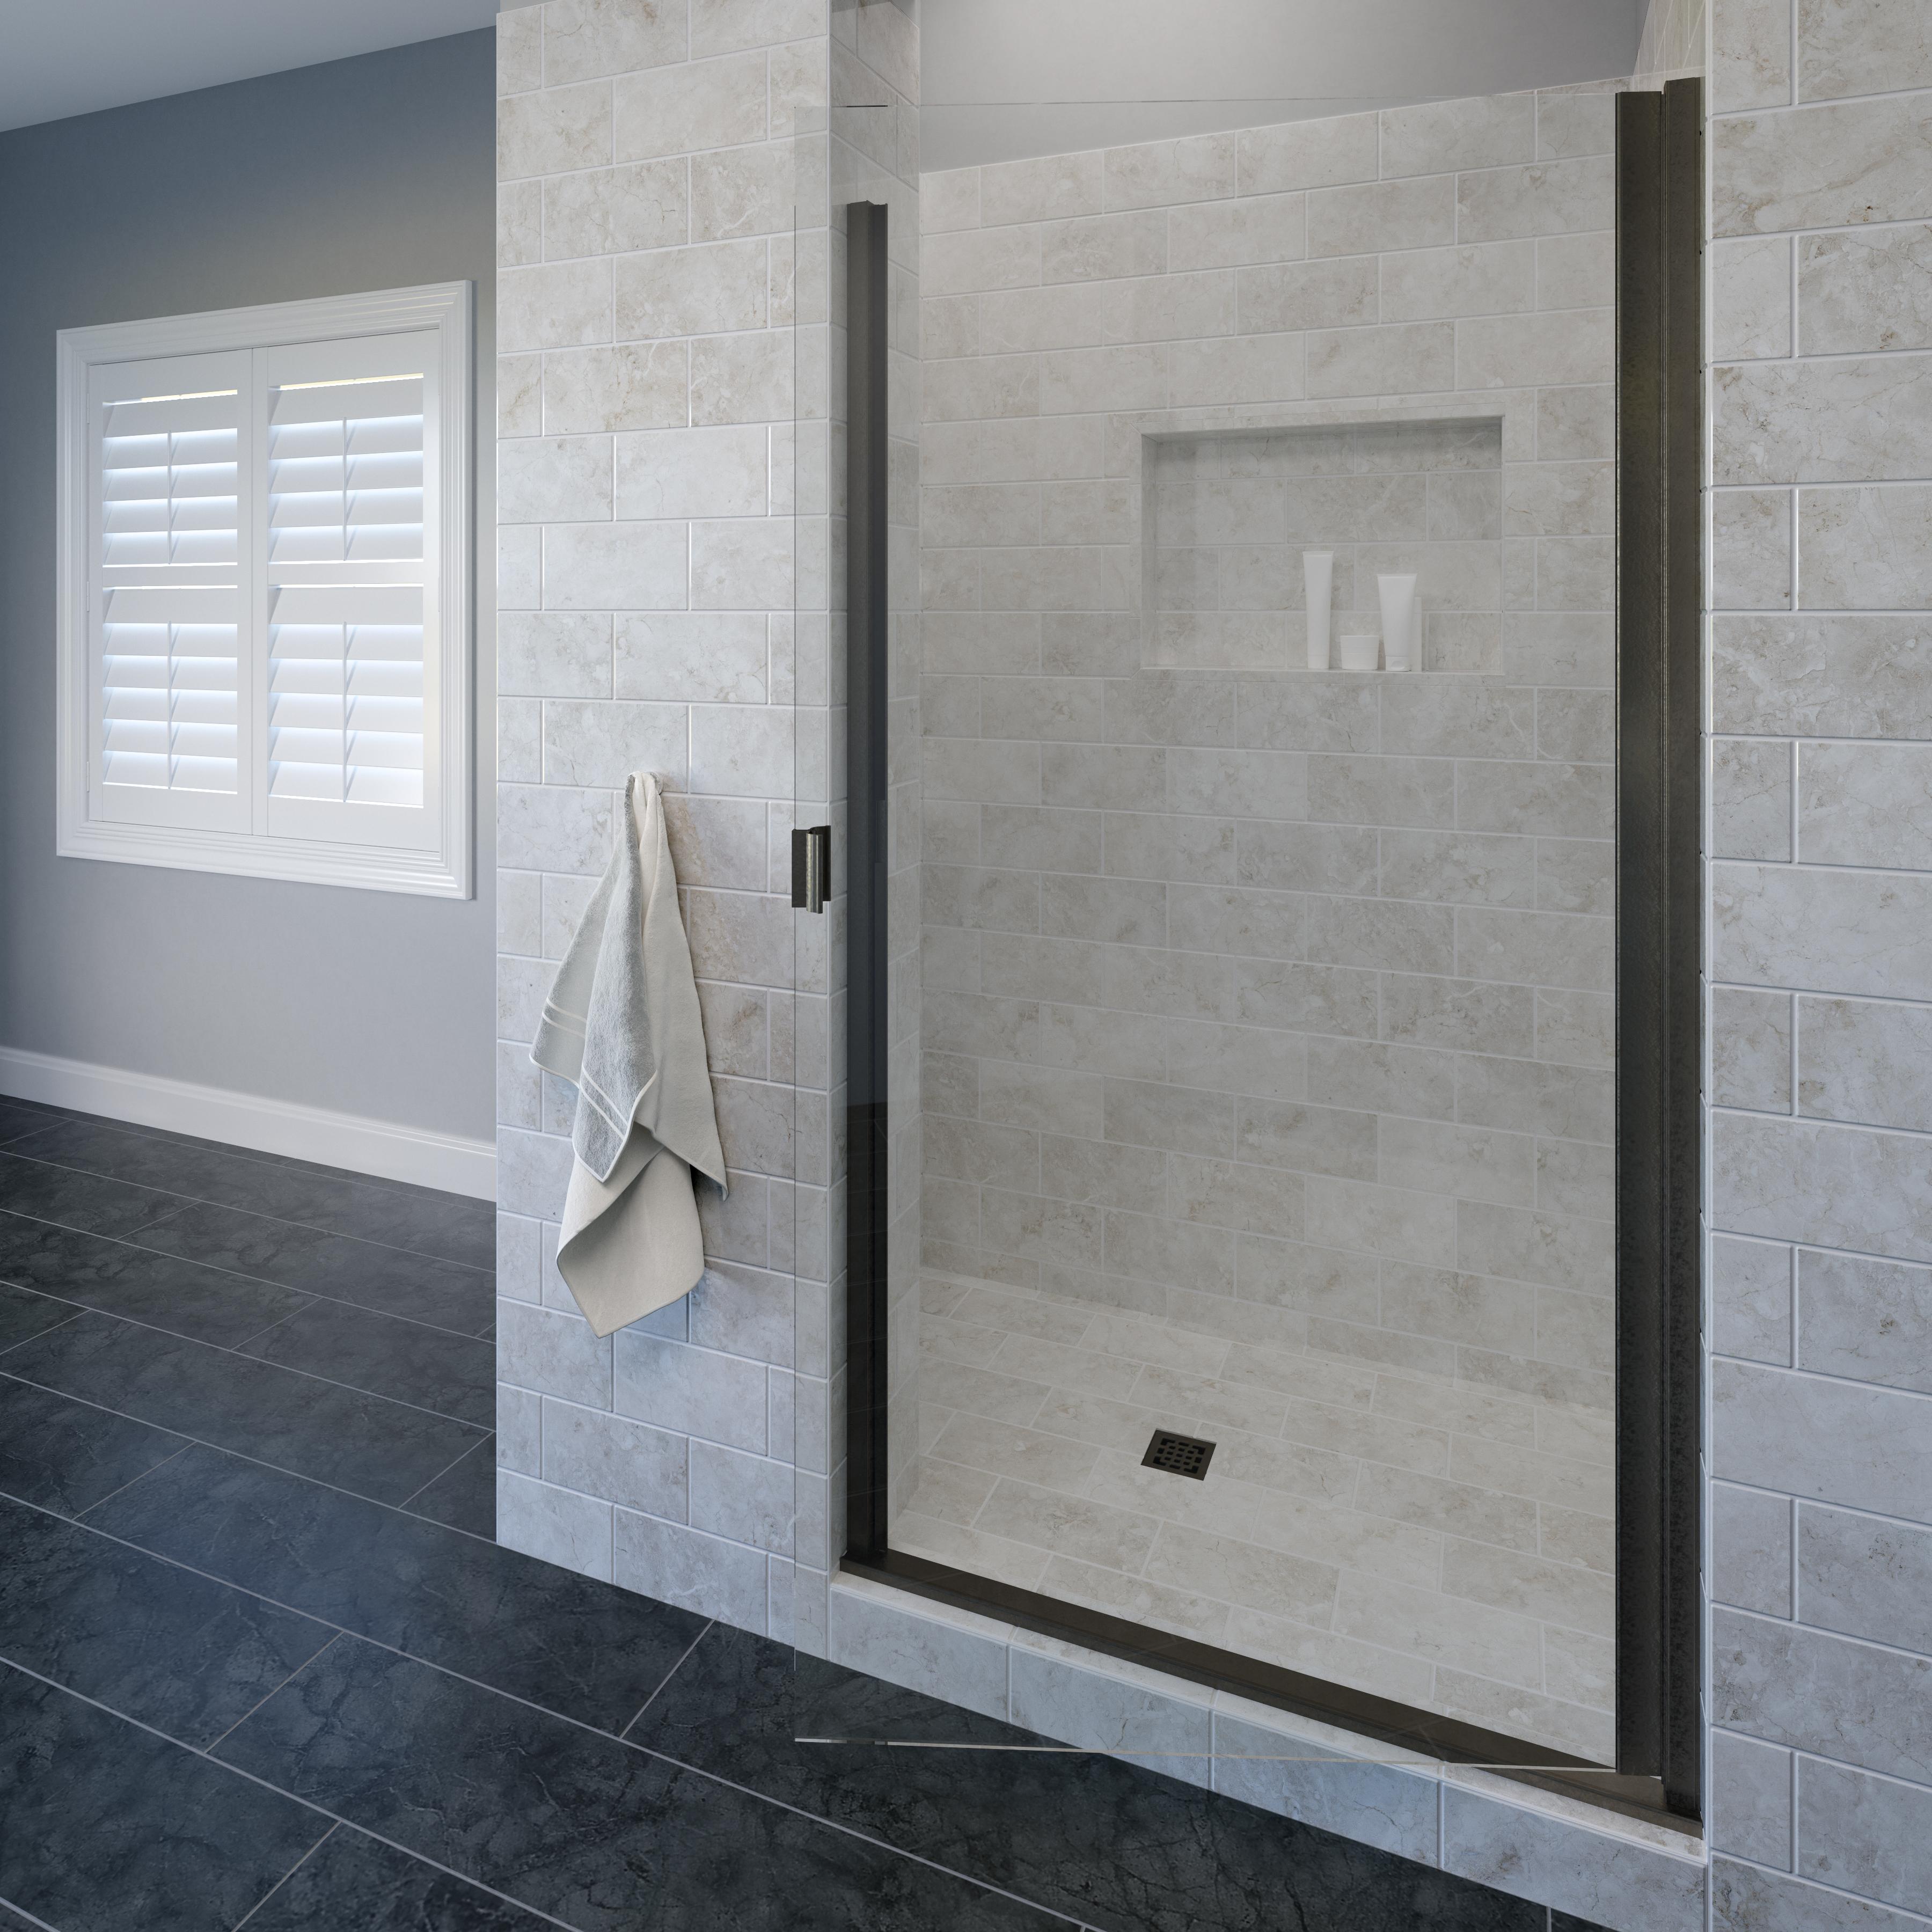 Classic Semi Frameless 3 16 Inch Glass Swing Basco Shower